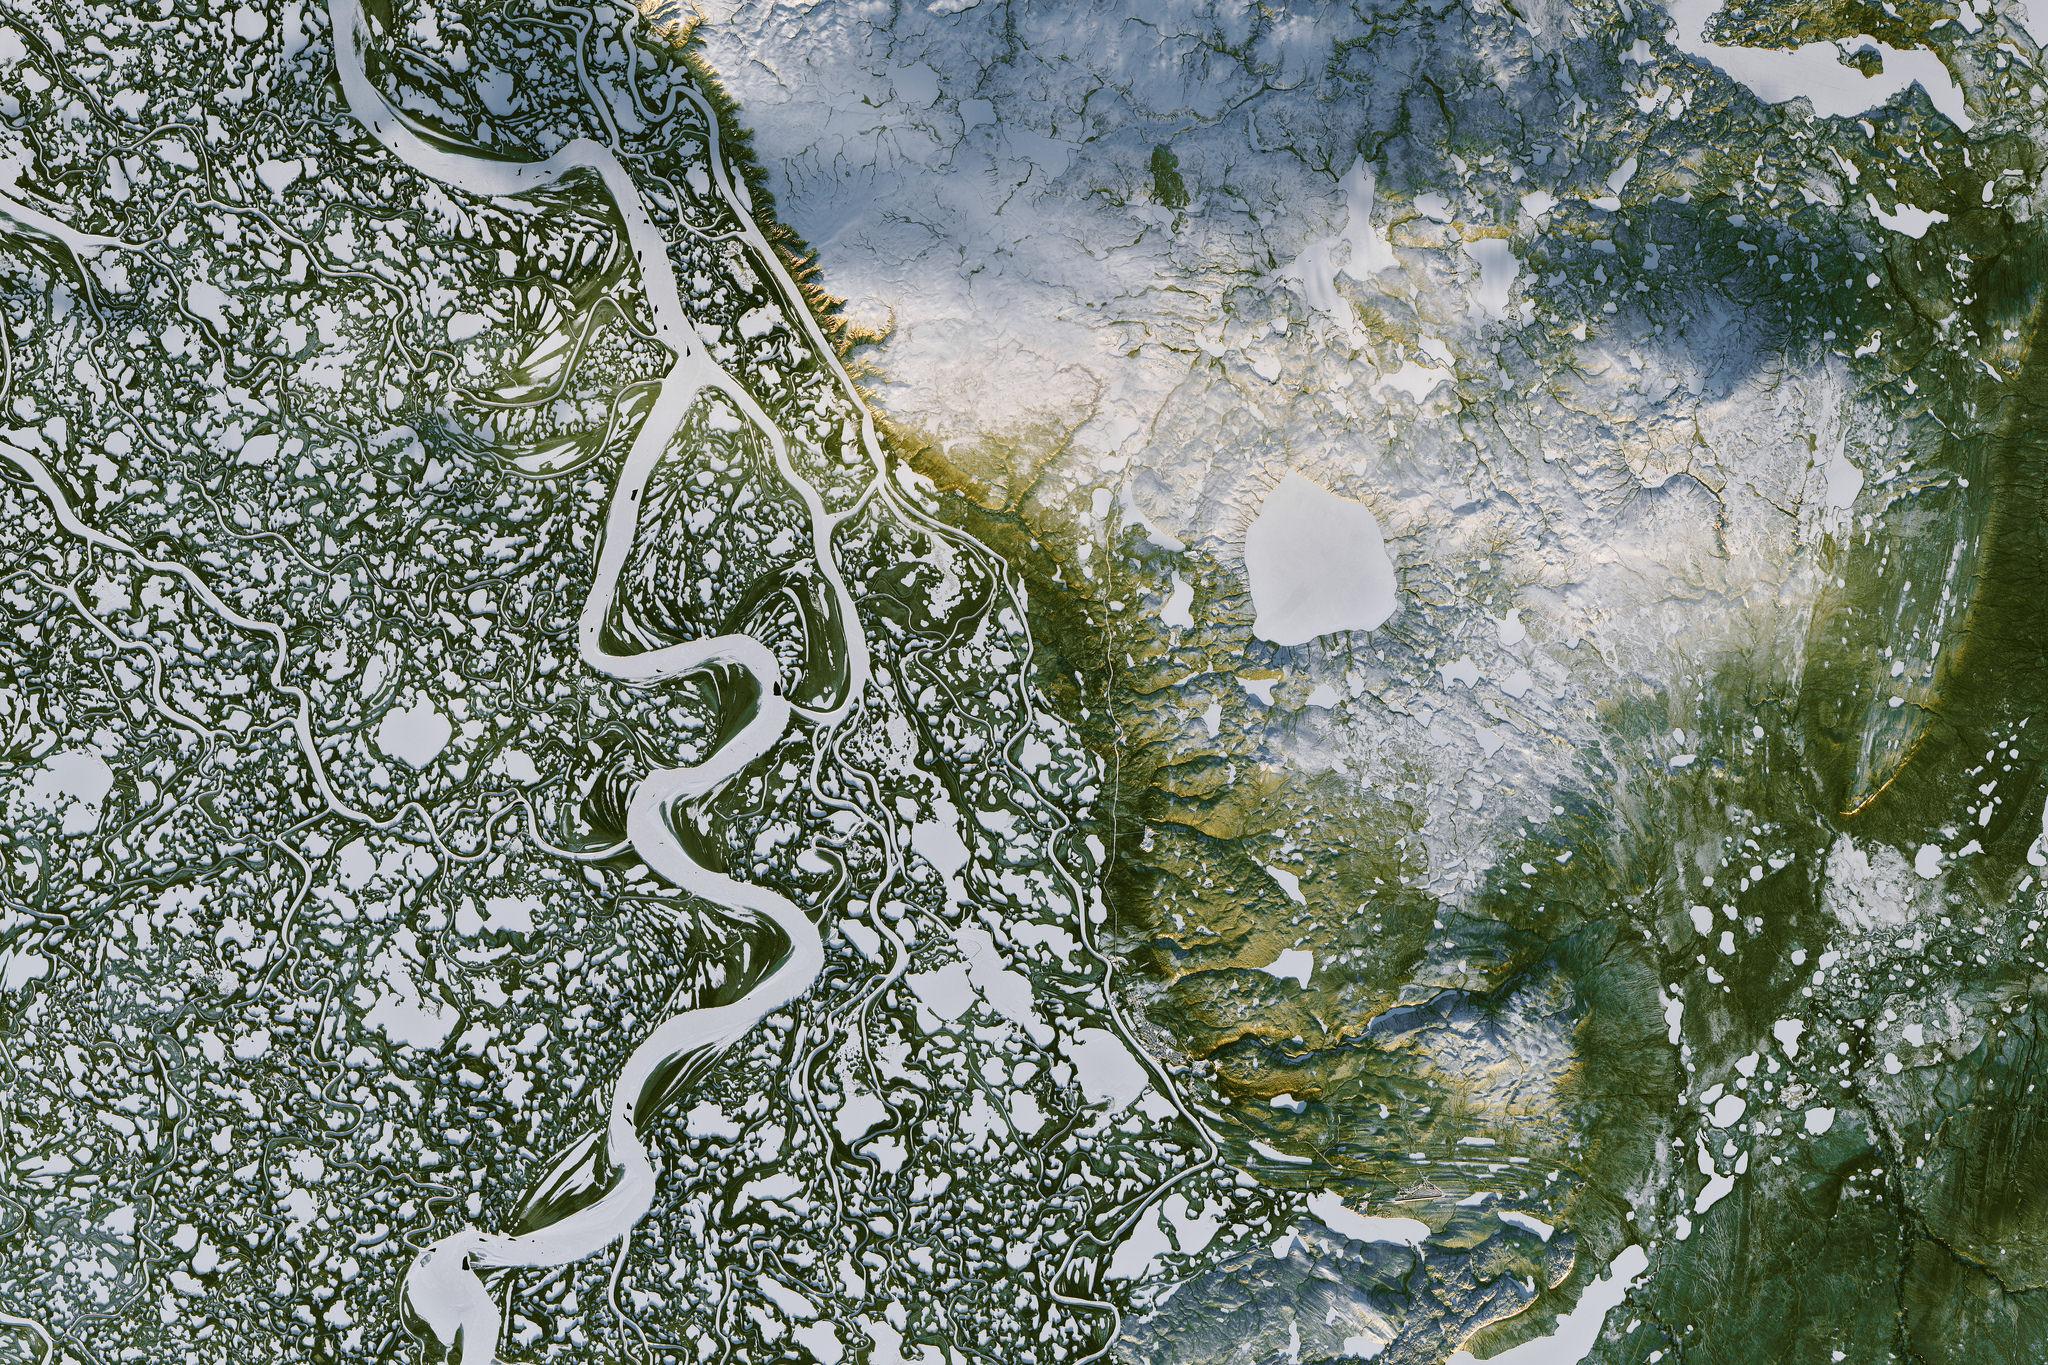 Глобальное потепление. Изменения в земном слое. Фото: НАСА.